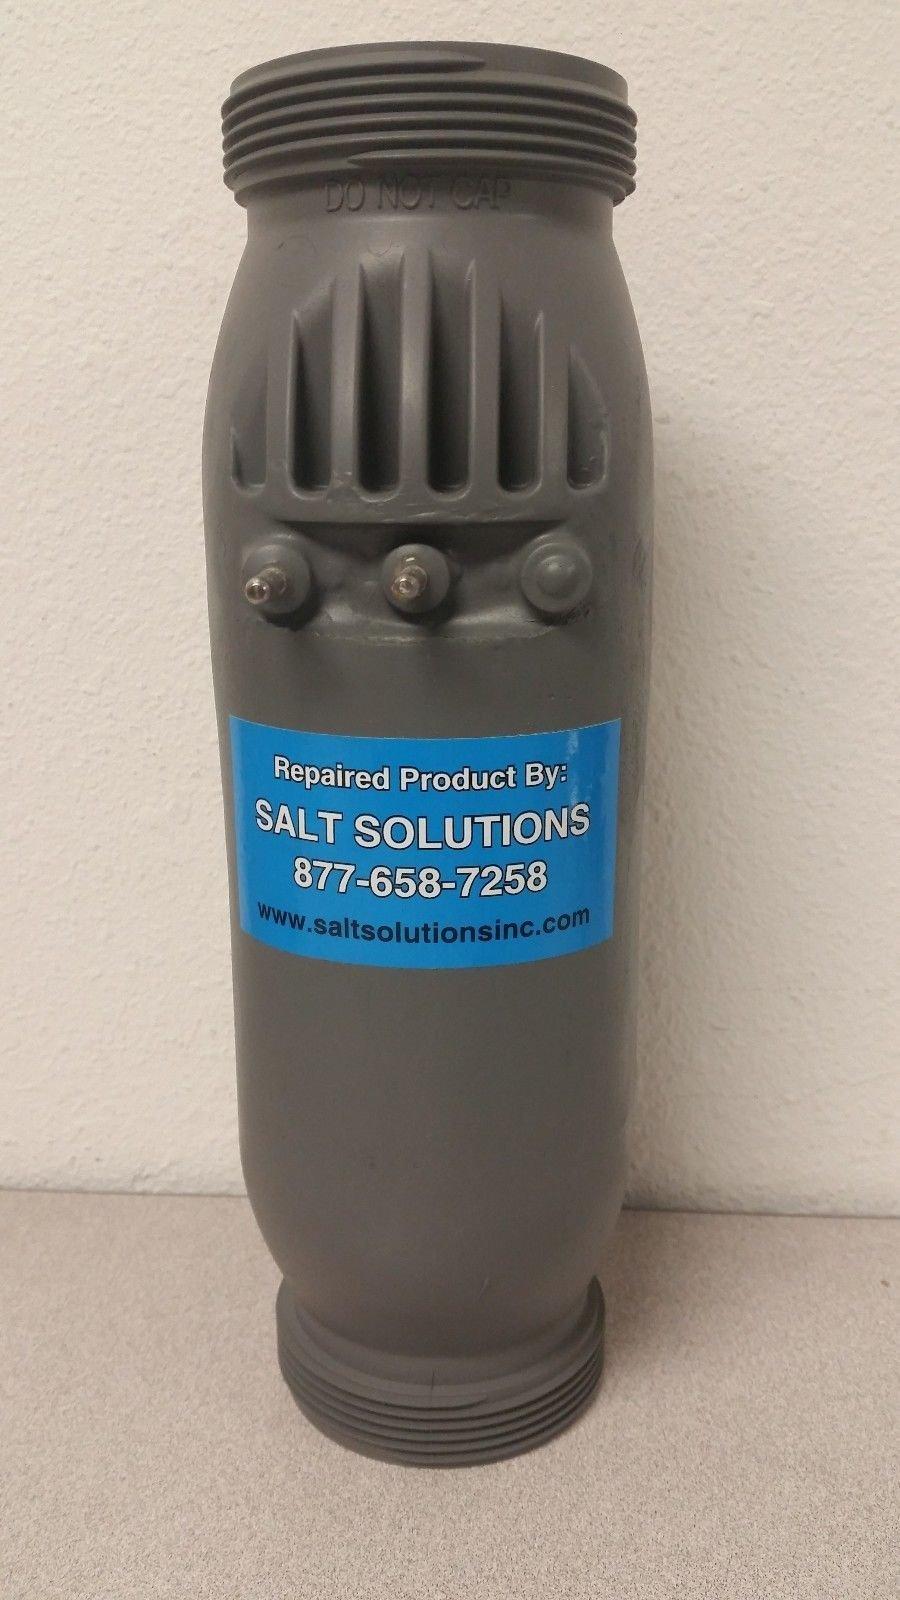 Jandy AquaPure 700 Salt Chlorinator cell - APURE700REPAIR (Certified Refurbished)